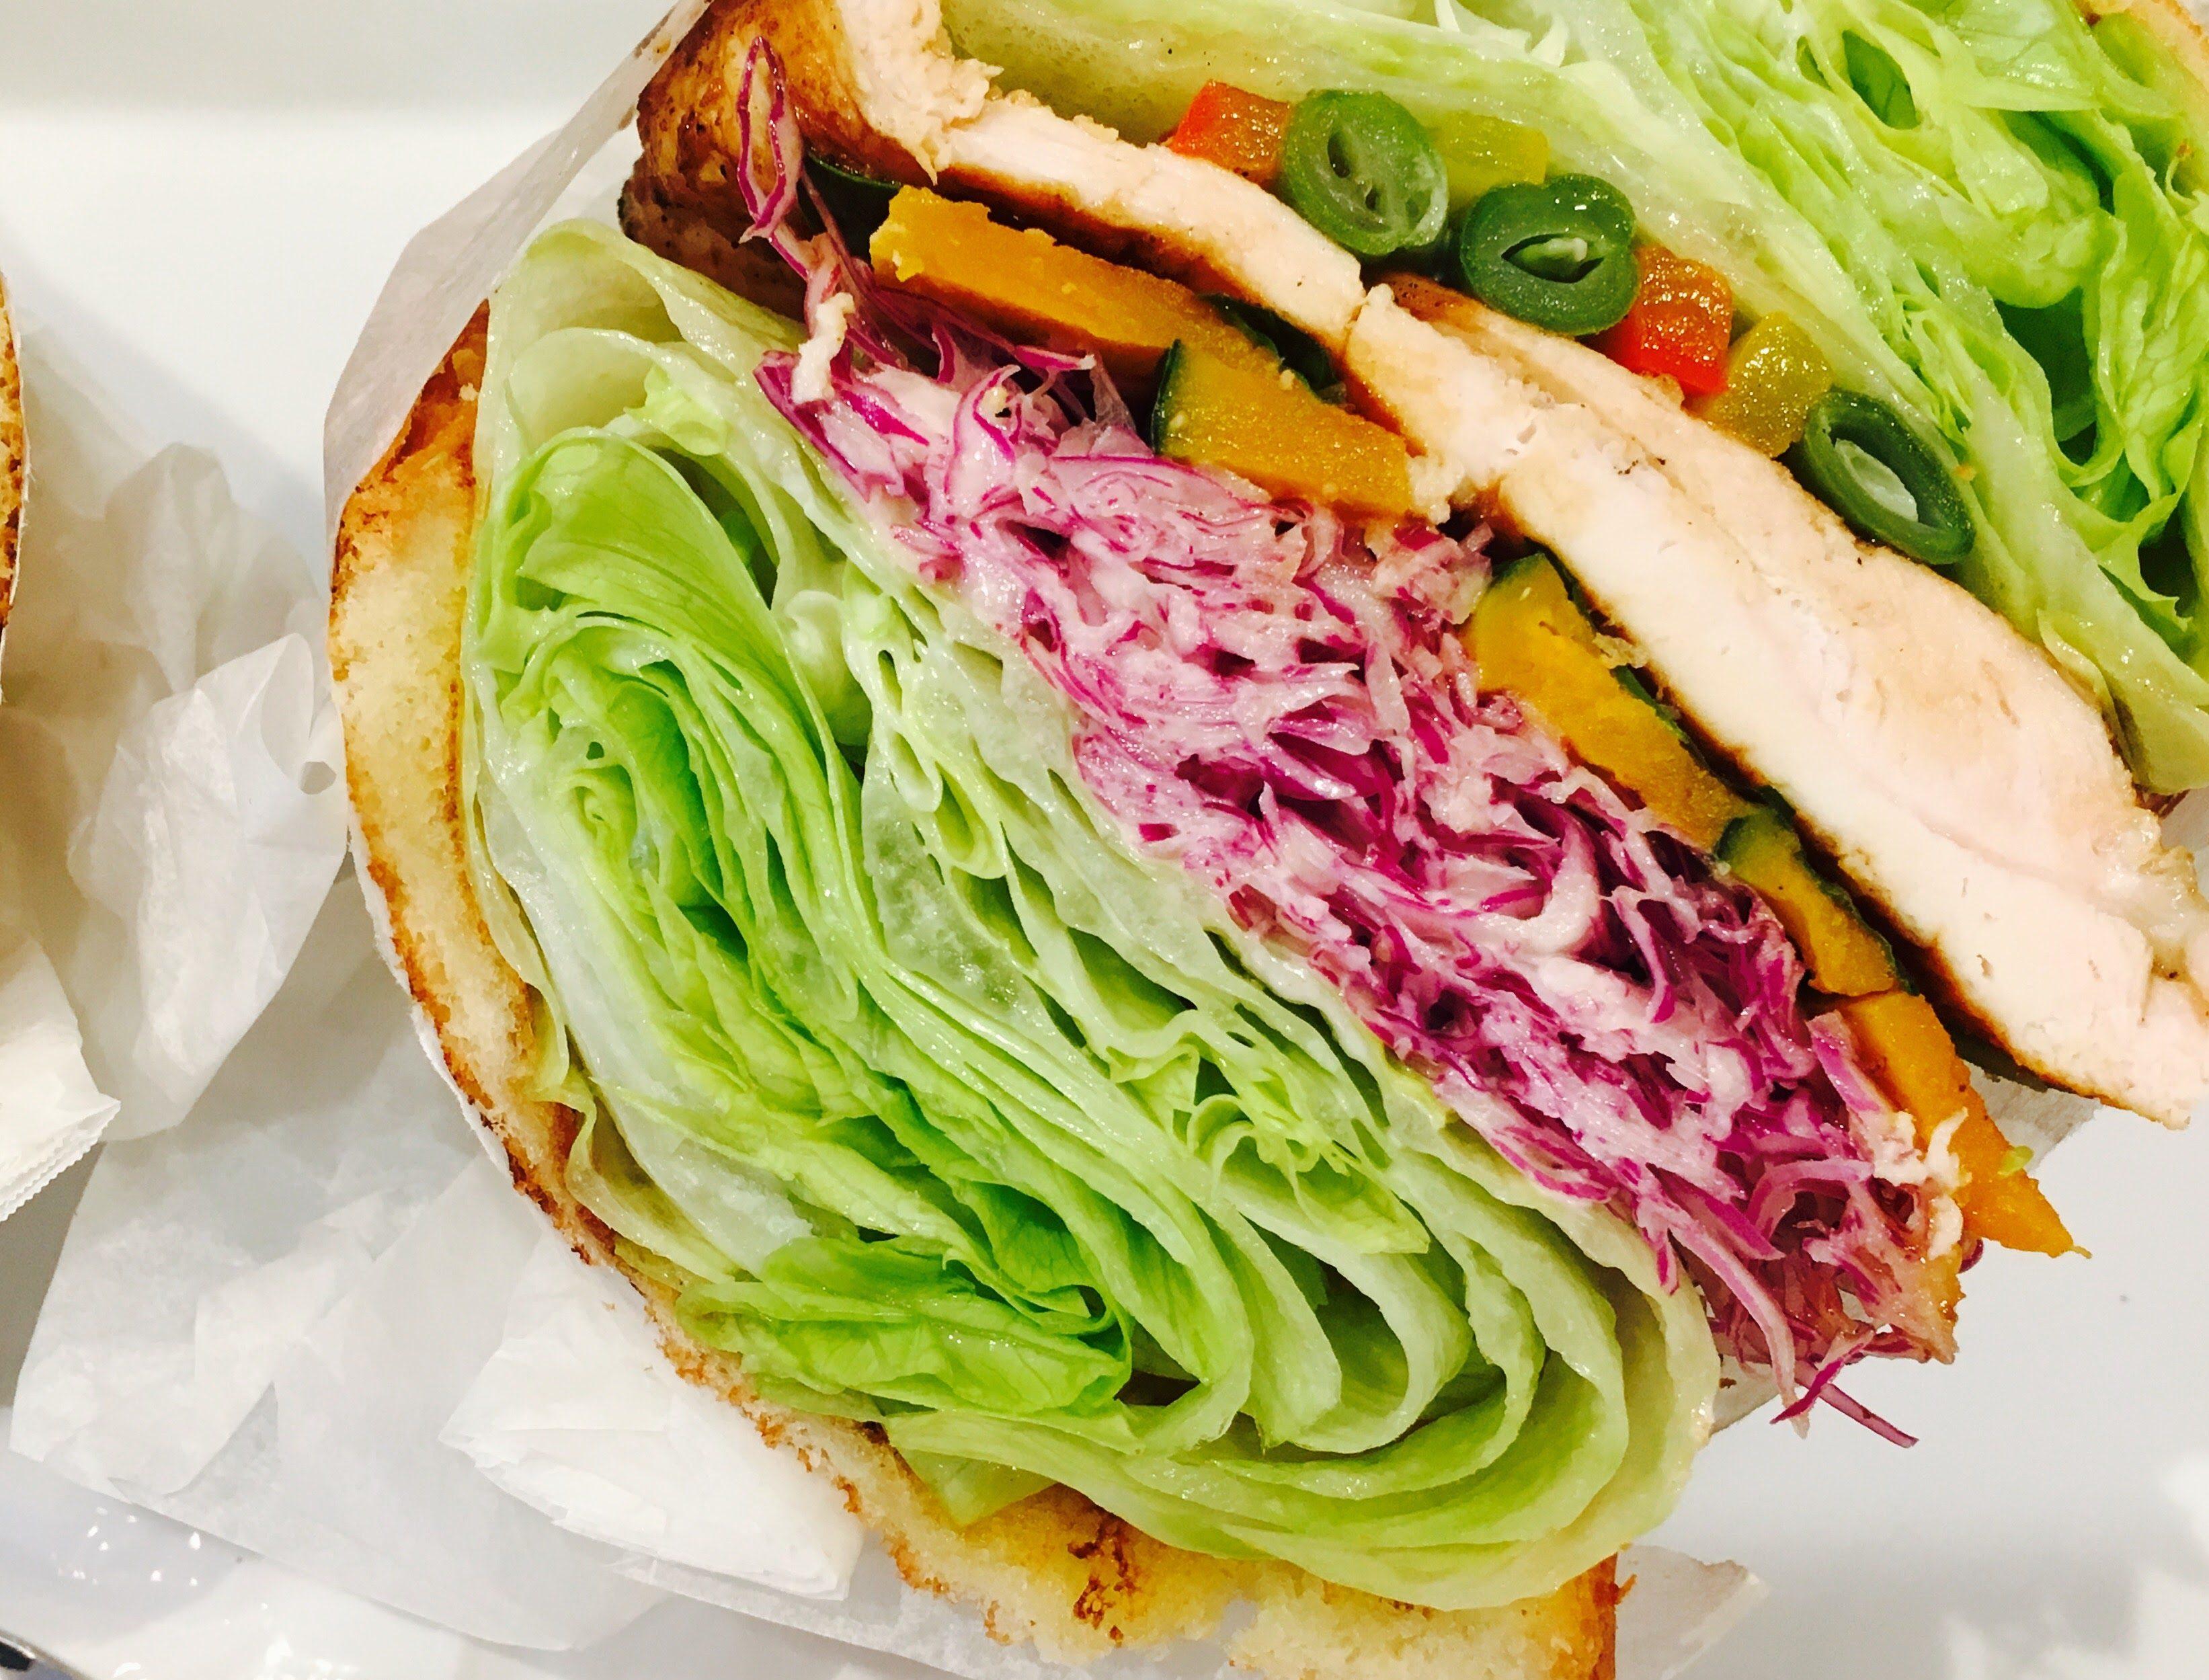 【タトミヤ】熊本!坪井で食べられるインスタ映えな「萌え断」手作りサンドイッチ